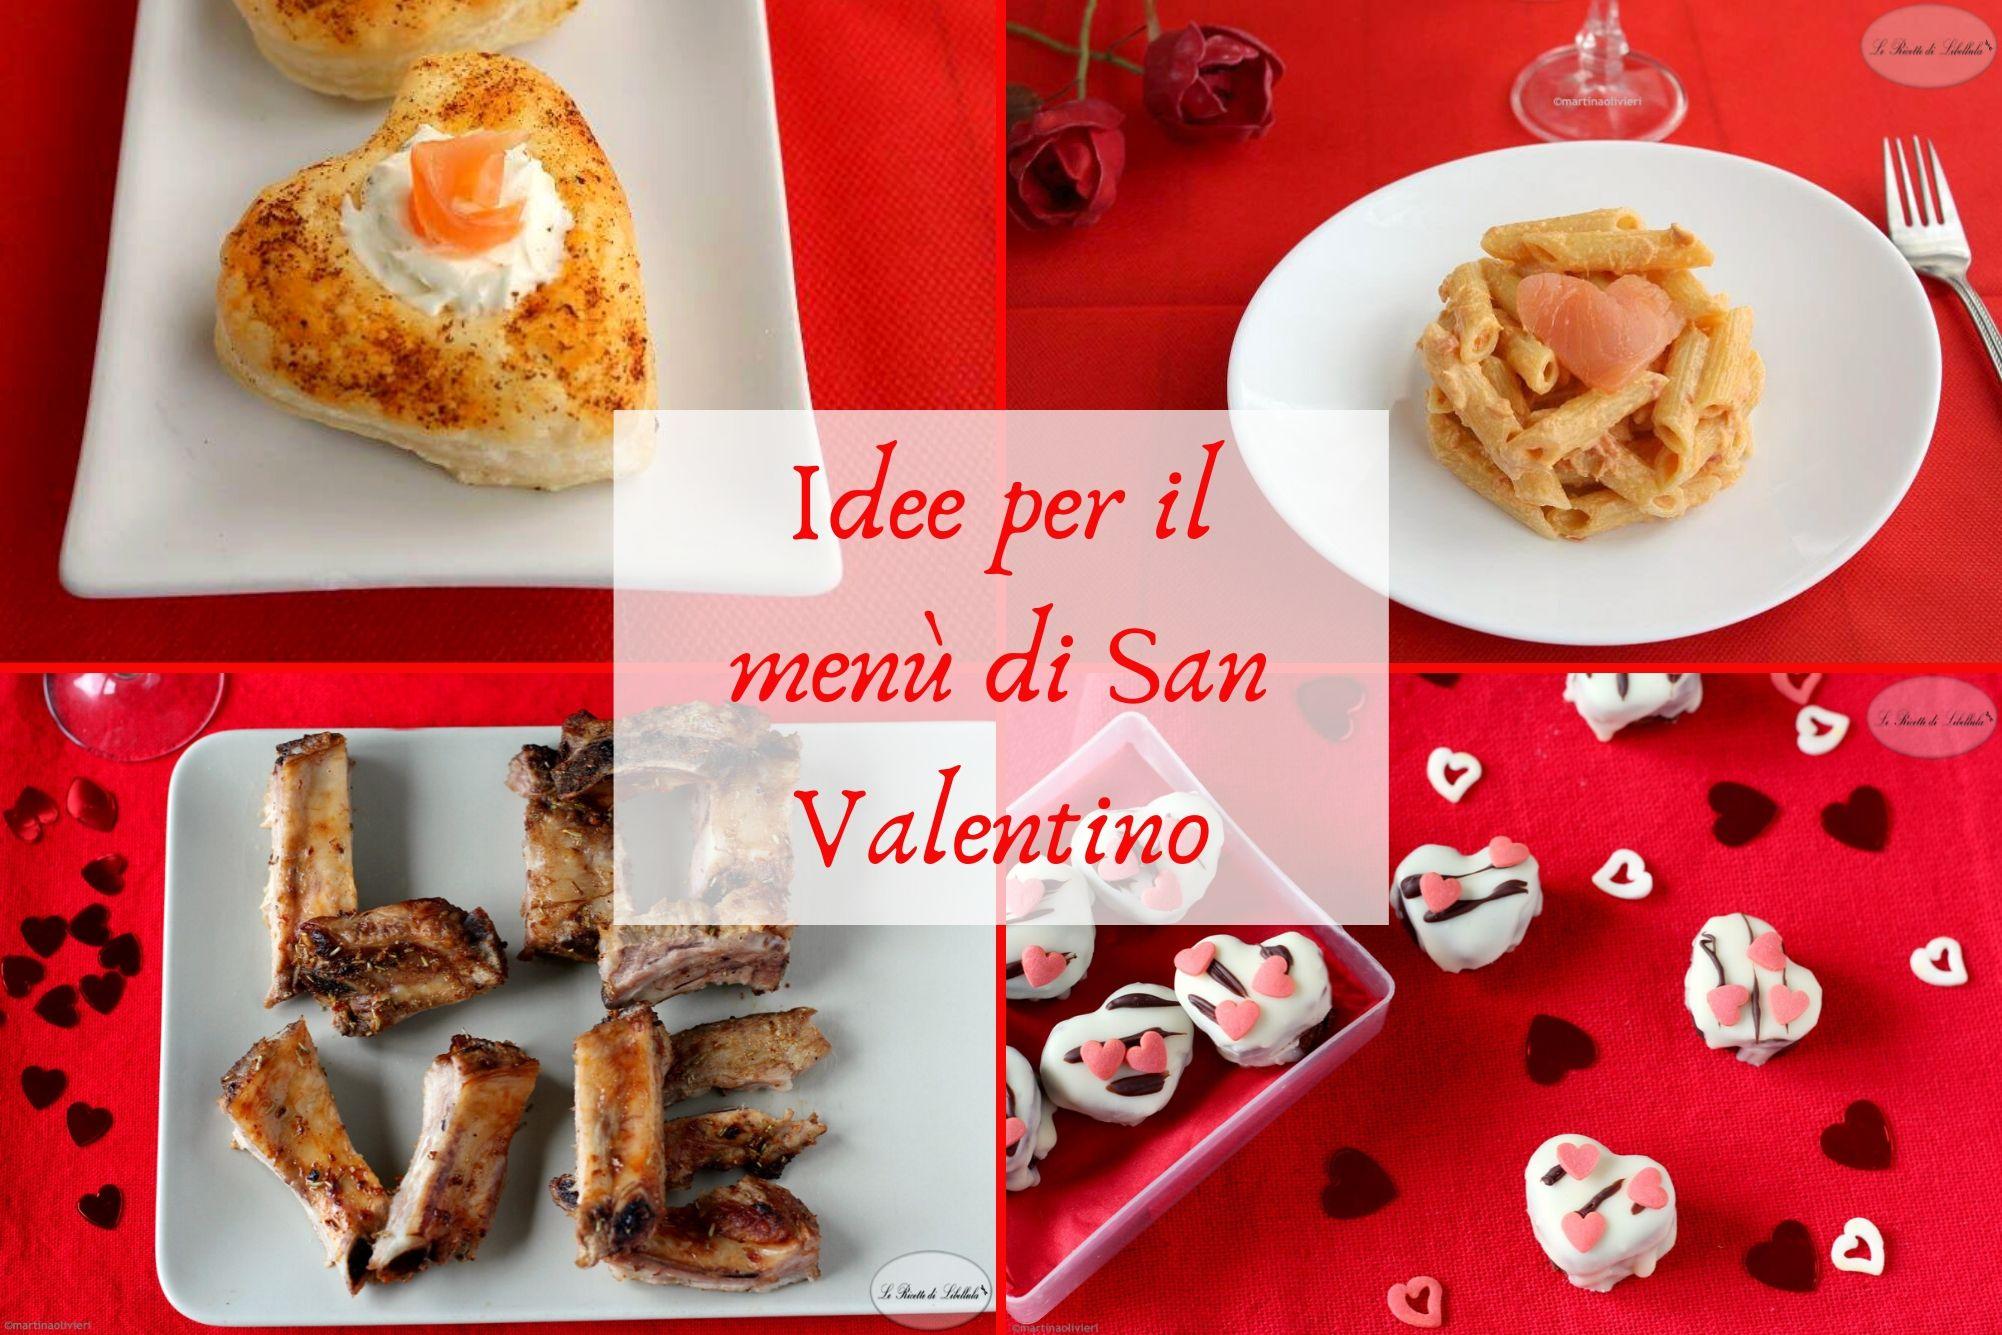 Idee per il menu di San Valentino